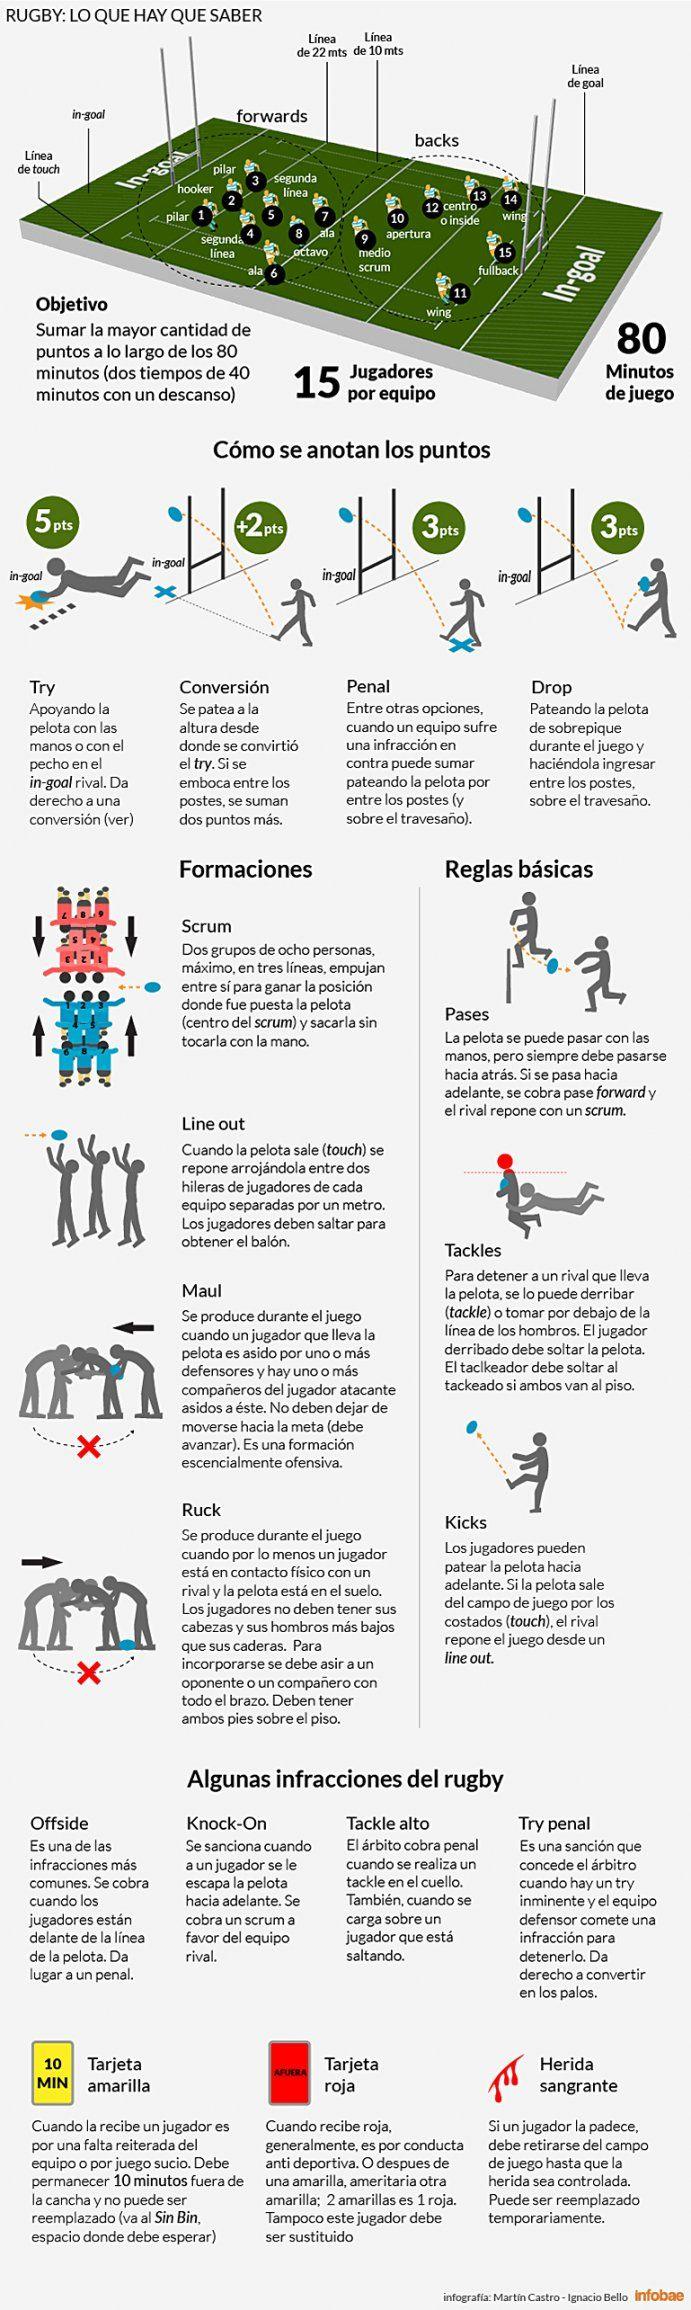 A días del debut de Los Pumas en el Mundial, lo que hay que saber de un partido de rugby | Mundial de Rugby 2015 - Infobae